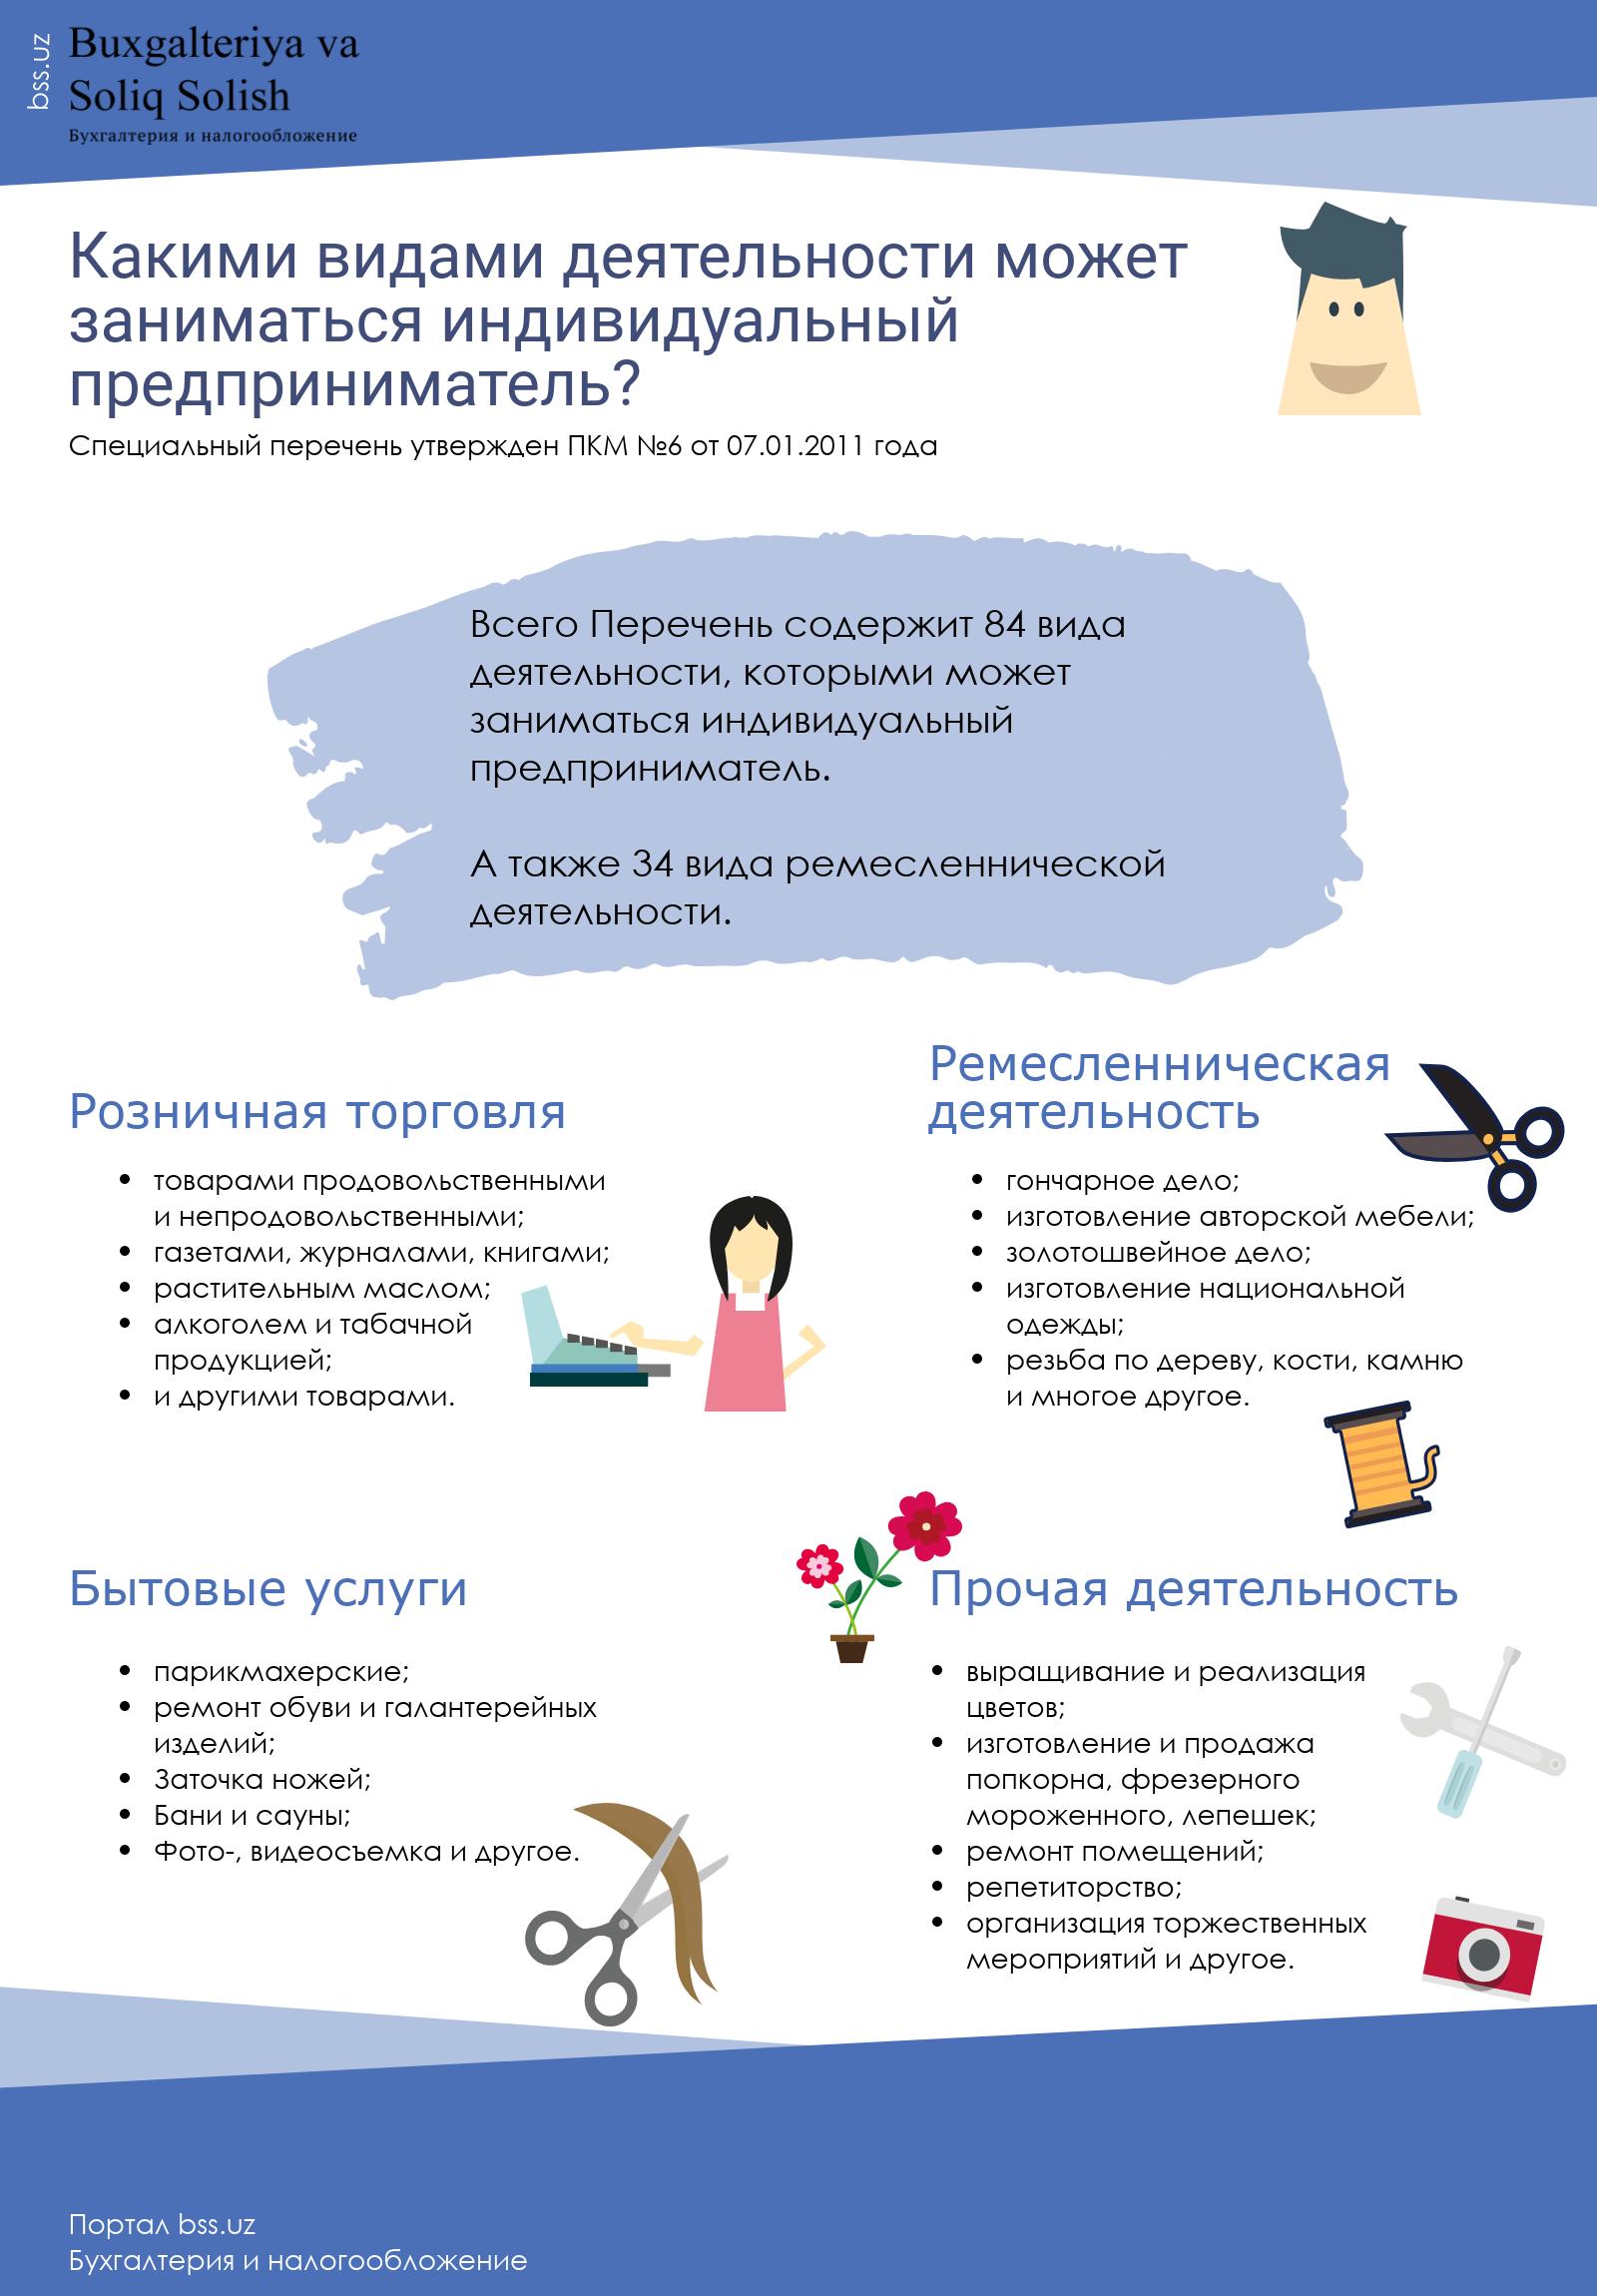 Виды деятельности индивидуального предпринимателя и особенности ведения бизнеса в 2019 году